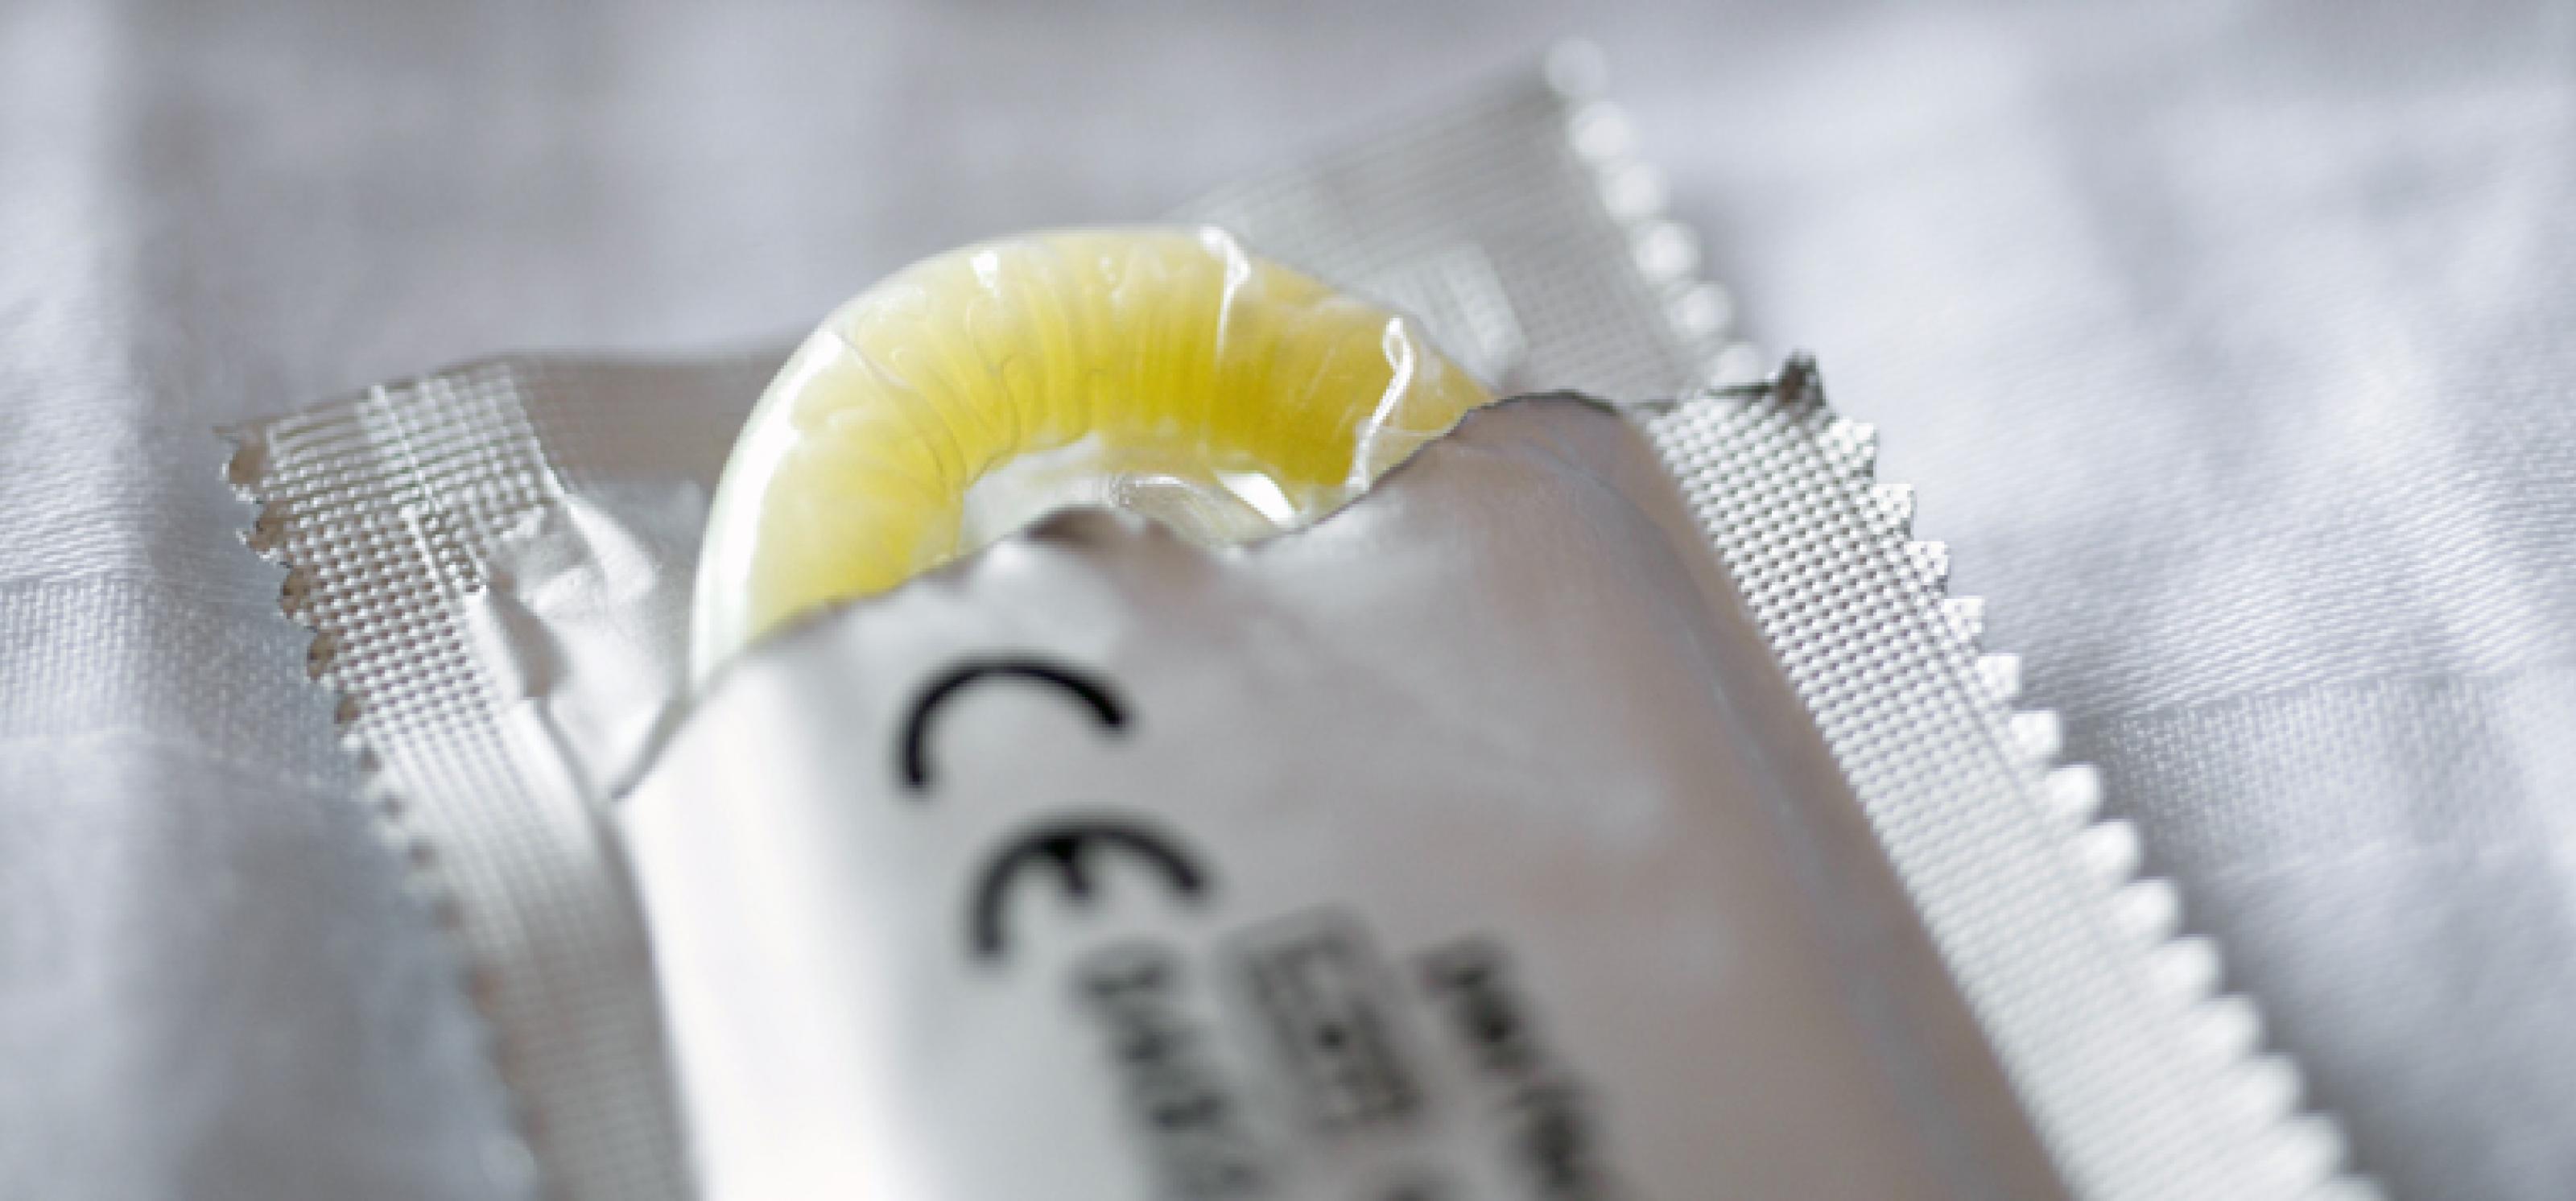 geöffnetes Kondom für Safer Sex